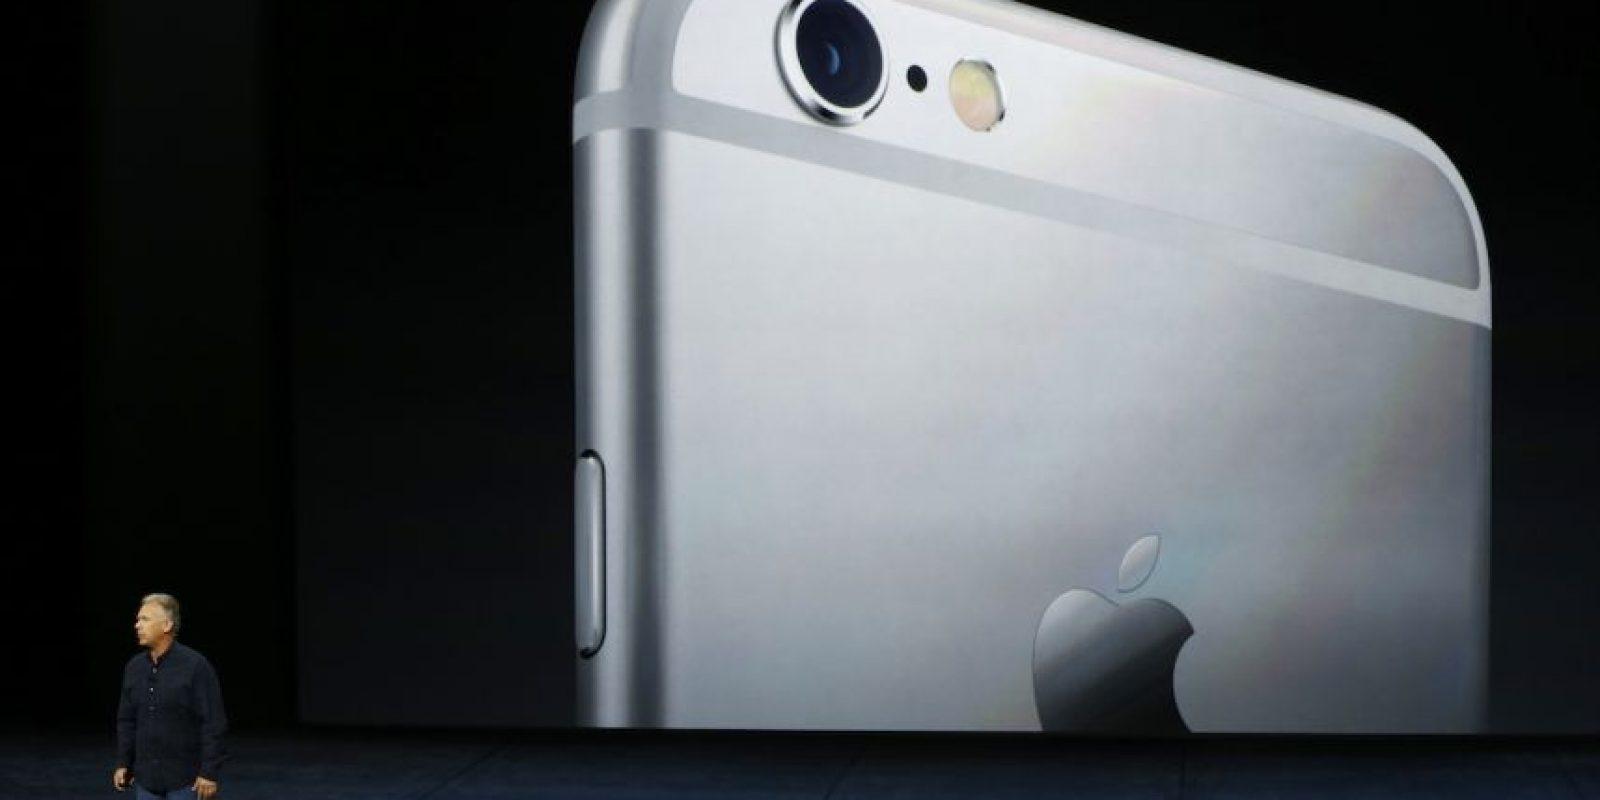 La única diferencia es que el iPhone 6s no cuenta con estabilización de imagen óptima de video y fotos, mientras que el iPhone 6s Plus si la incluye. Foto:Getty Images